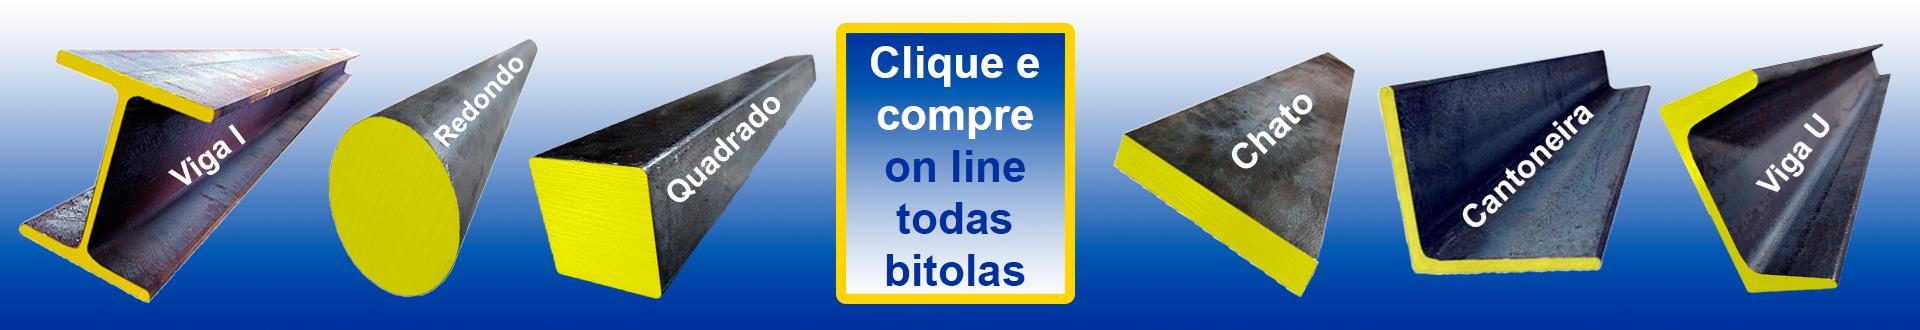 2020-03-23-banner-1920x330-fundo-degrade-azul-campanha-laminados